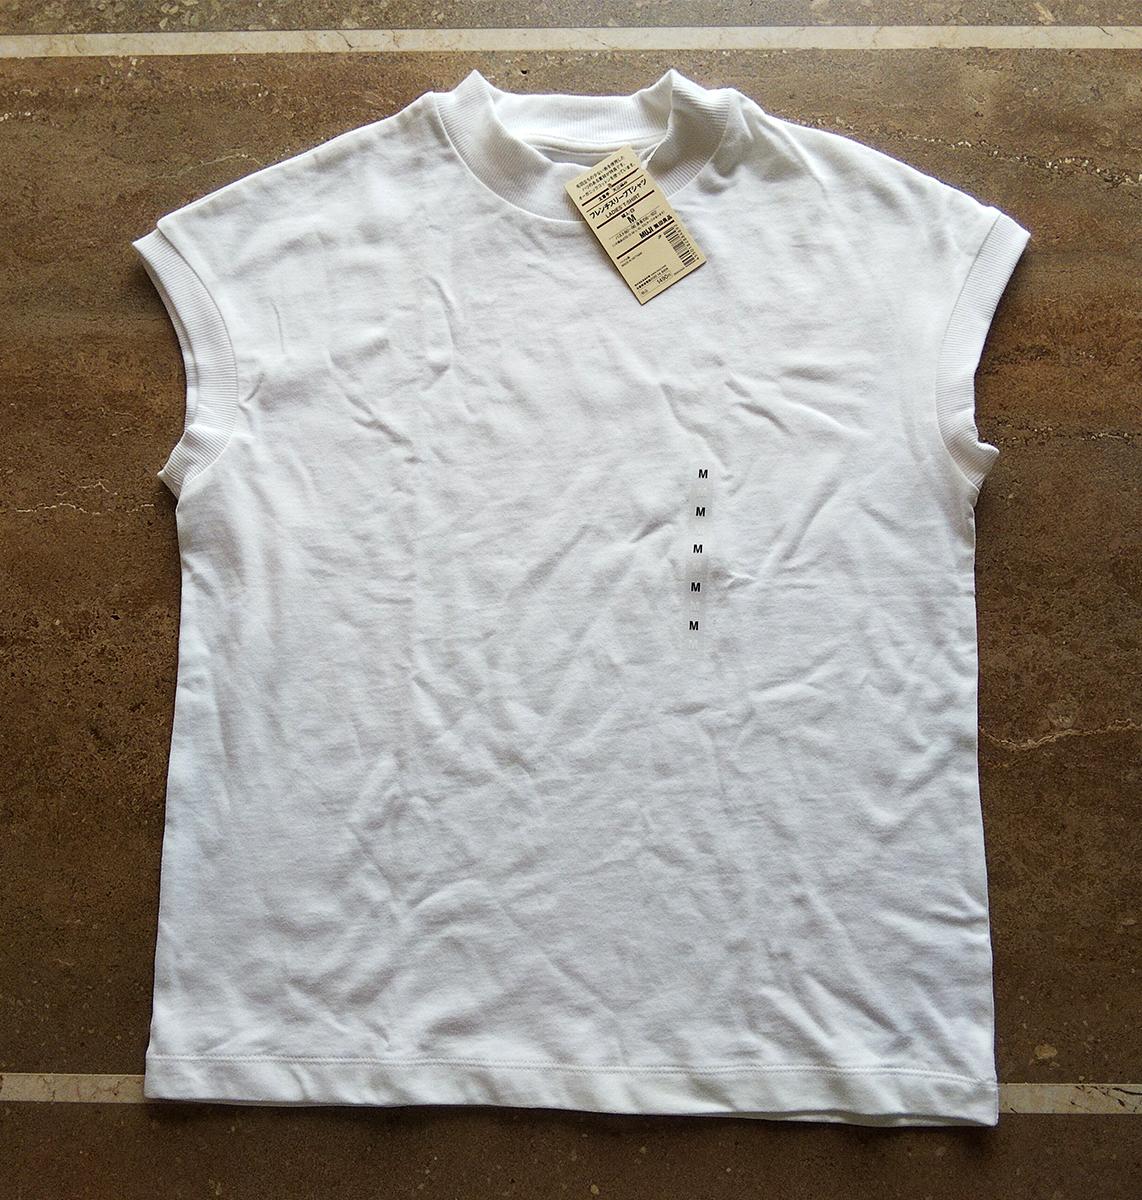 太番手天竺編みフレンチスリーブTシャツ(ホワイト)